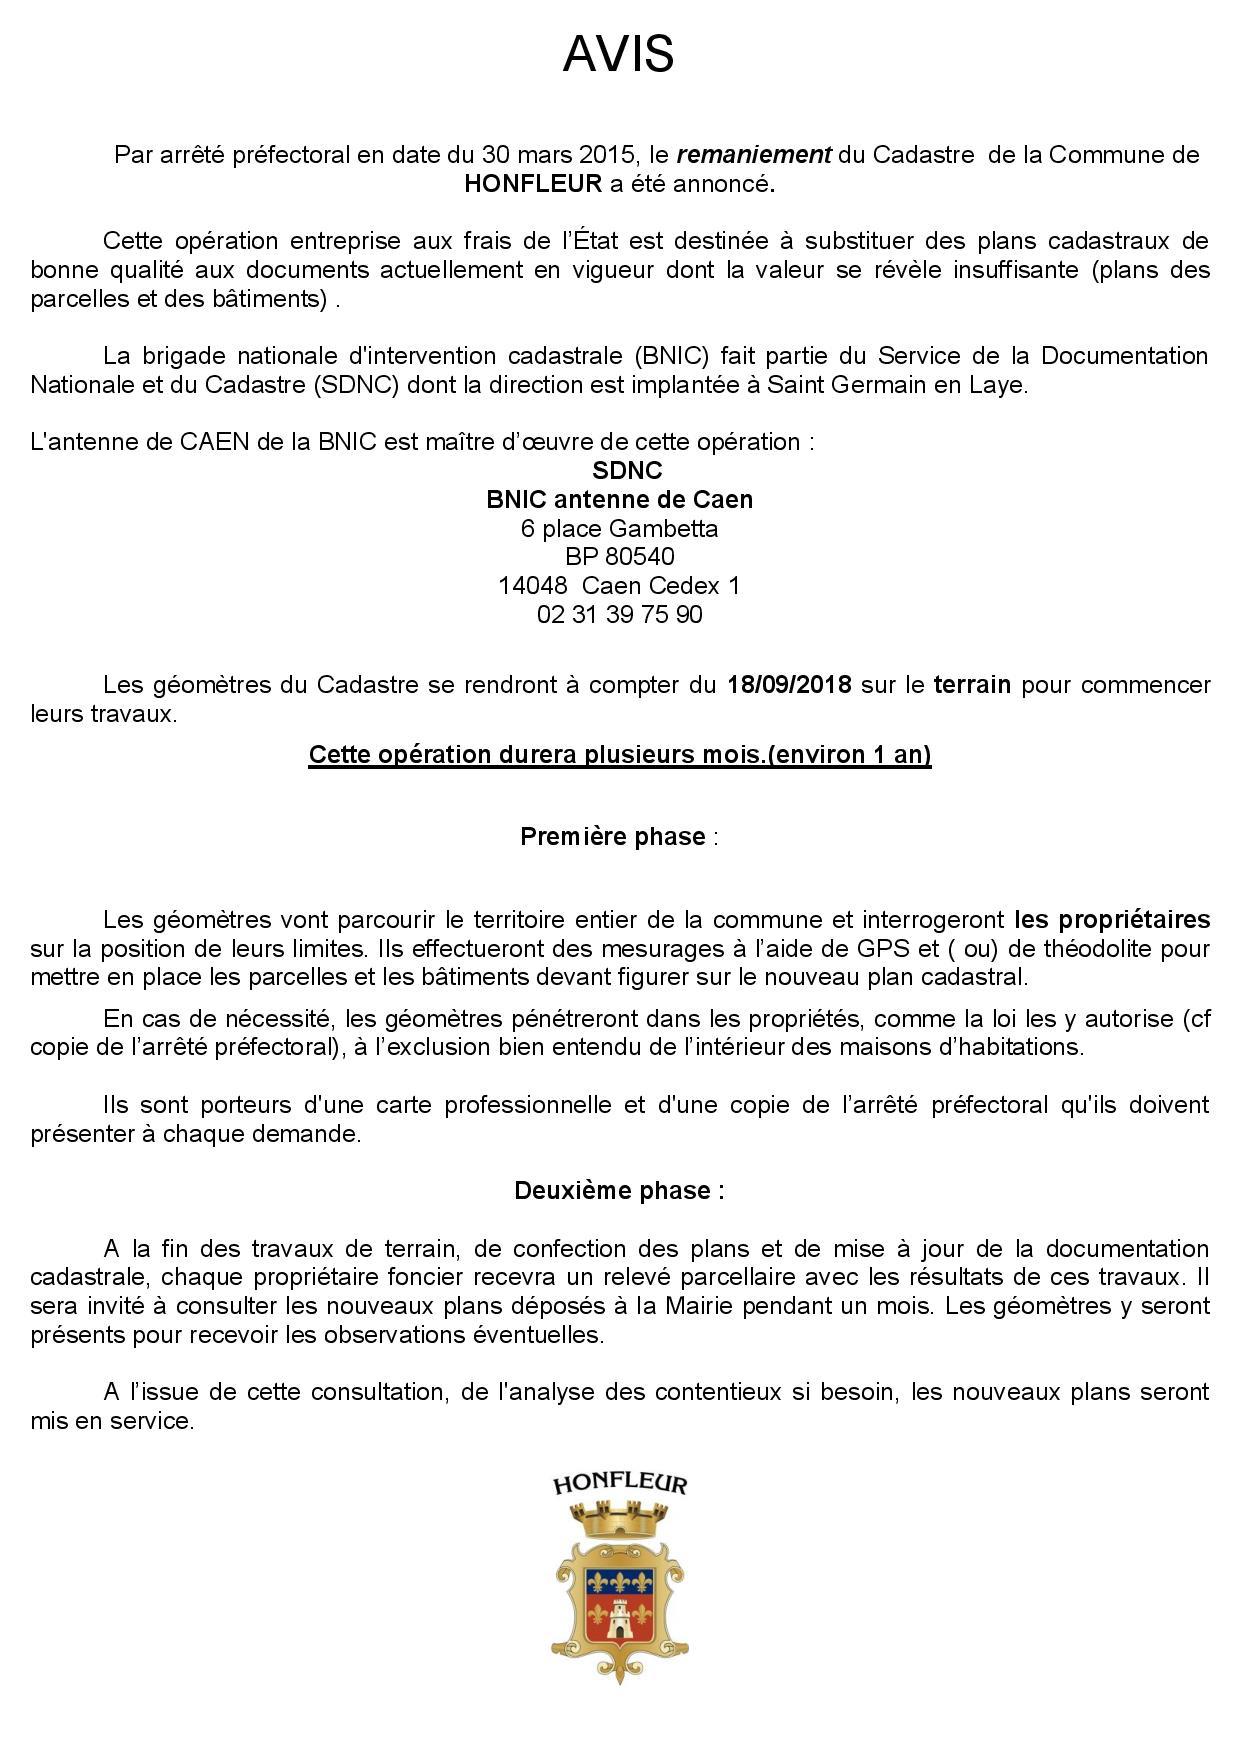 Service Urbanisme Et Cadastre De La Ville De Honfleur